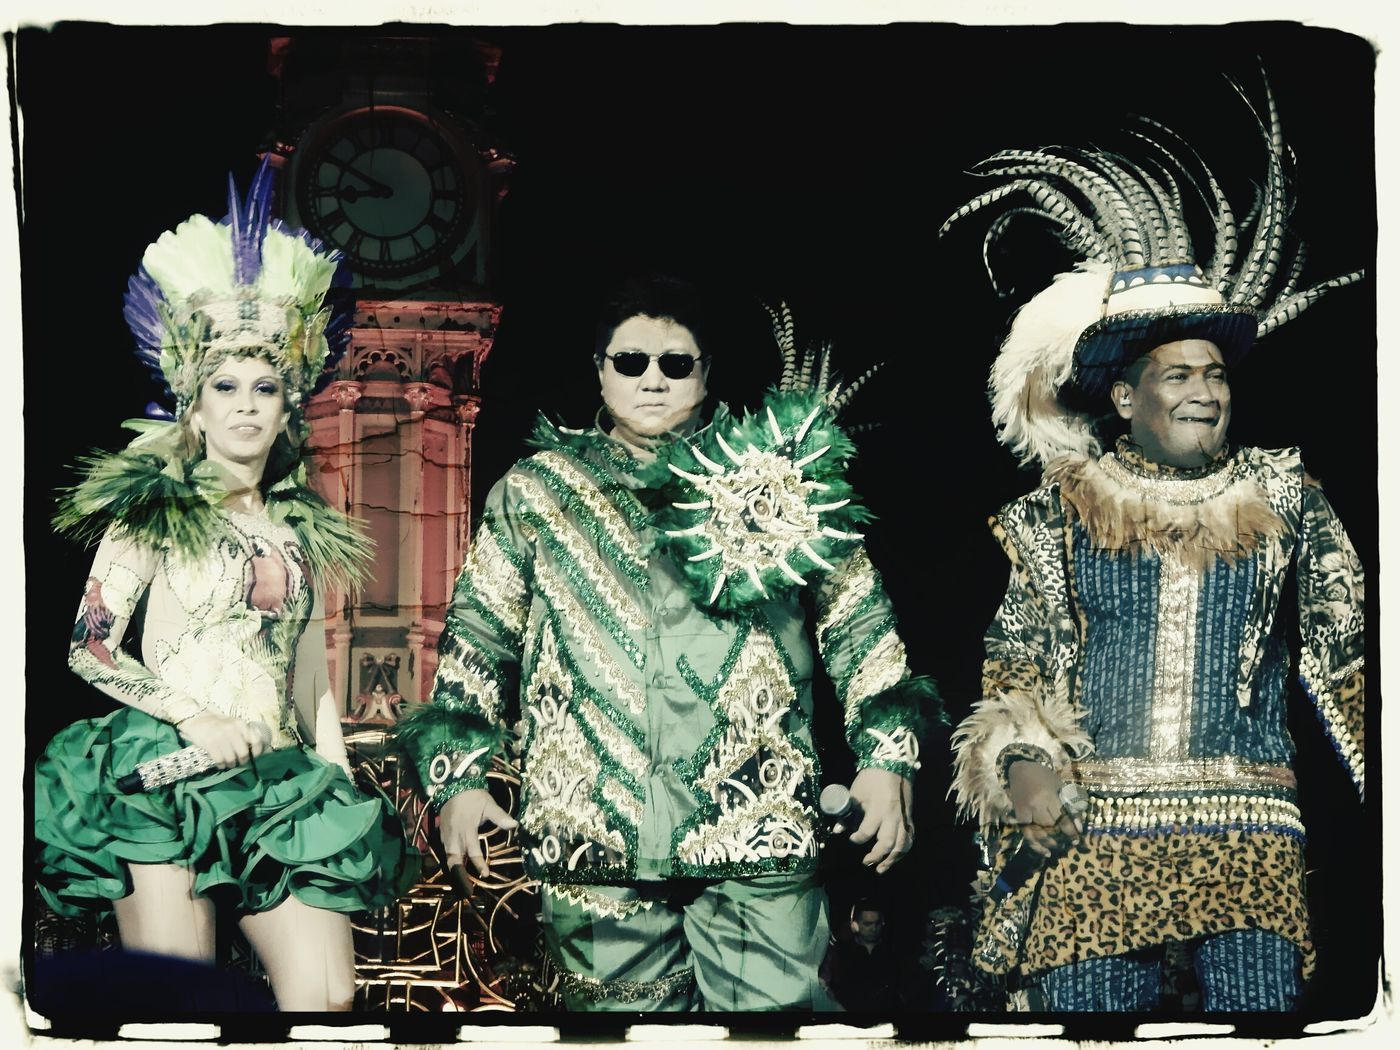 The Human Condition cultura e show Calypso edilson santana e davi assaiagui musica chama guerreira Gravação Do DVD De 15anos De Banda Calypso